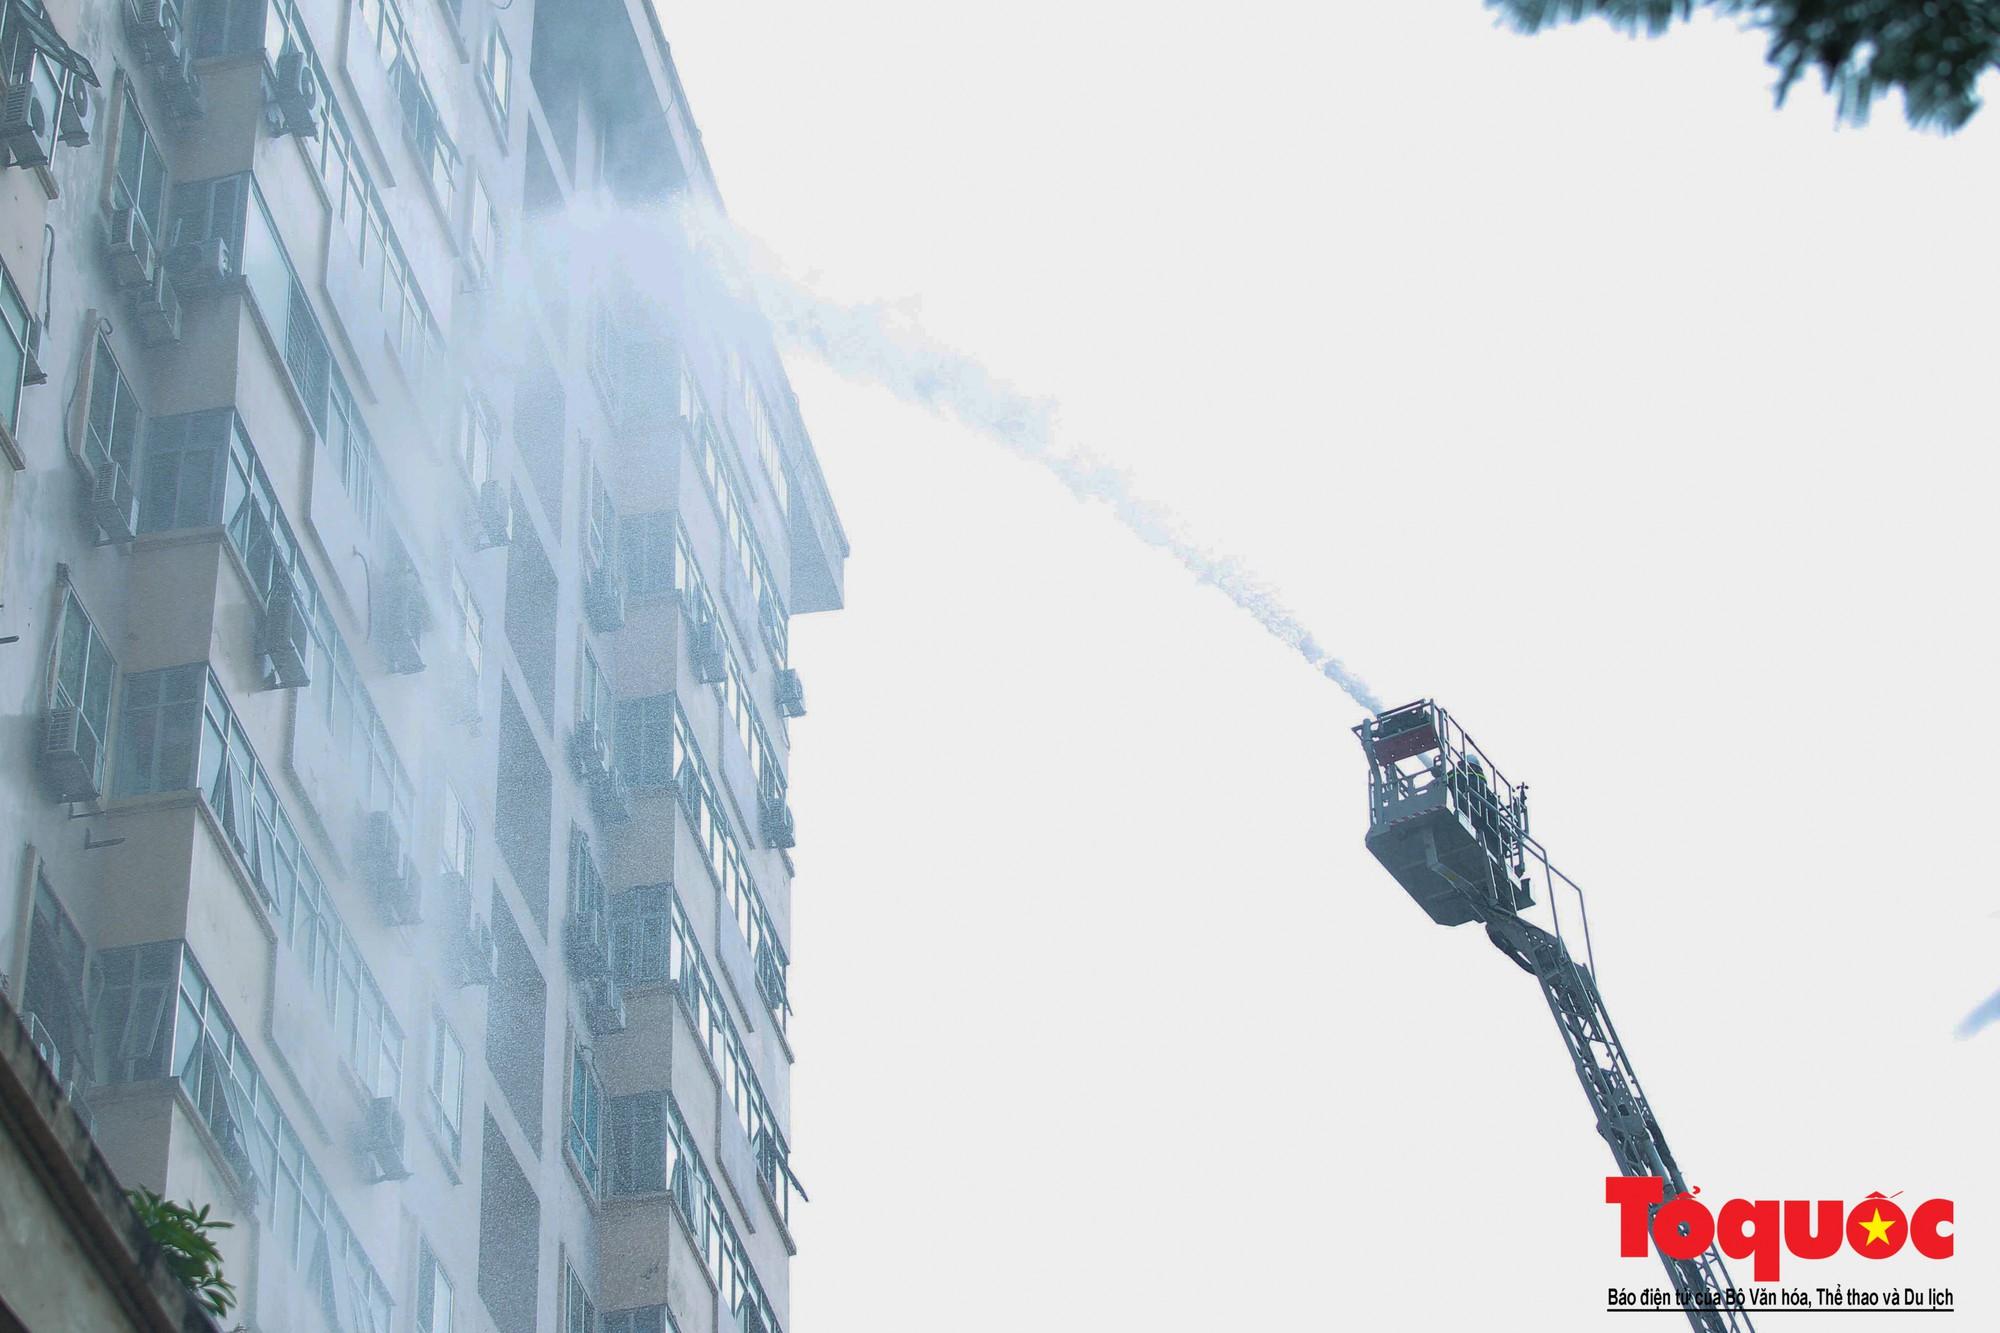 Cháy chung cư B10 Nam Trung Yên, nhiều người hoảng loạn (3)